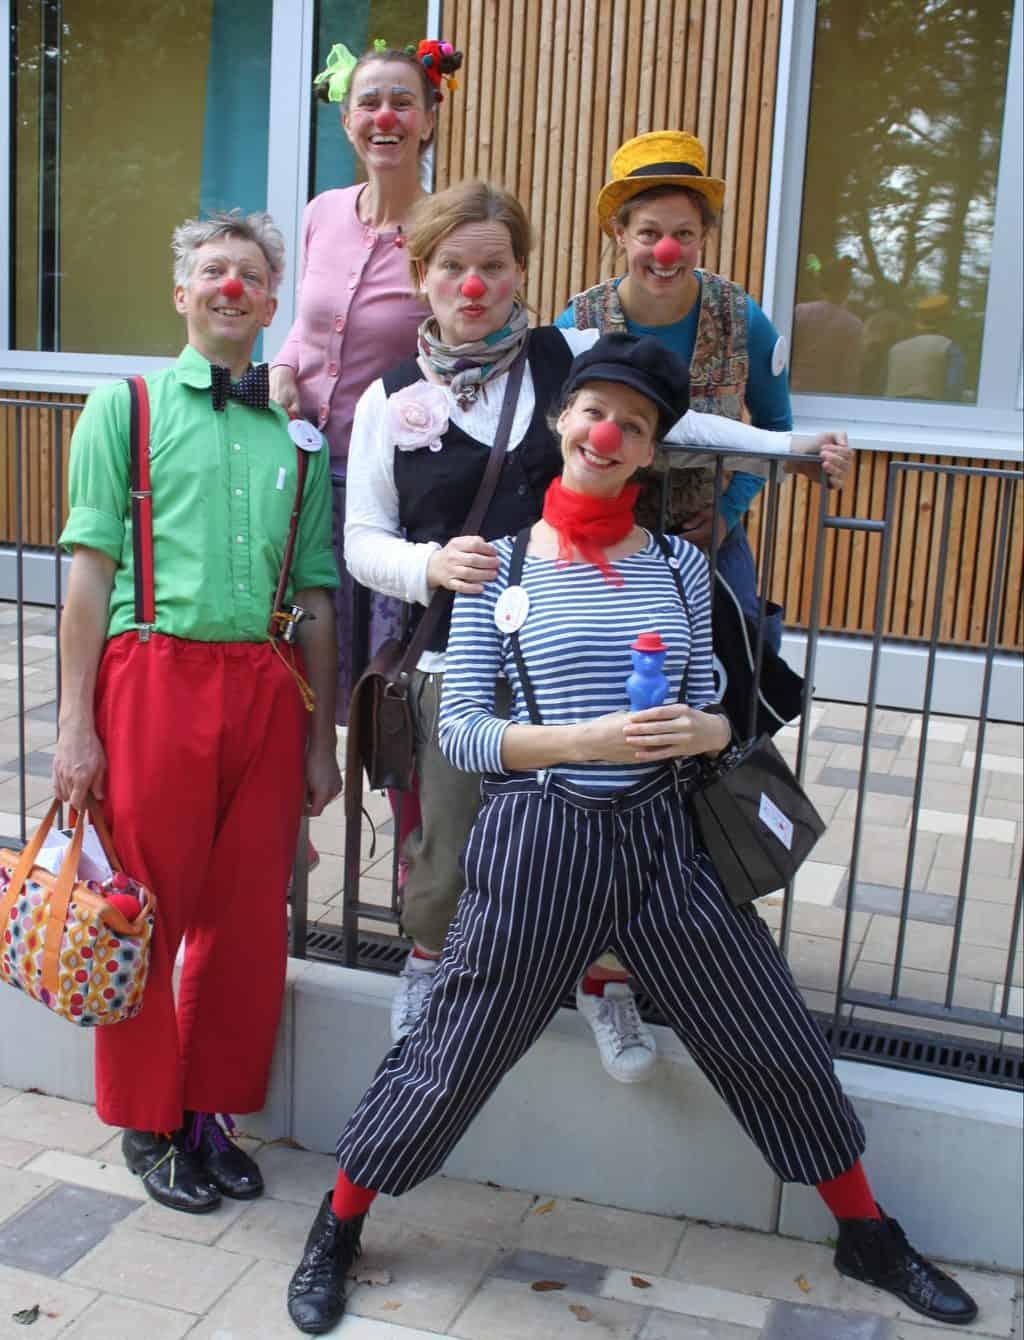 kinder uke klinik clowns 1